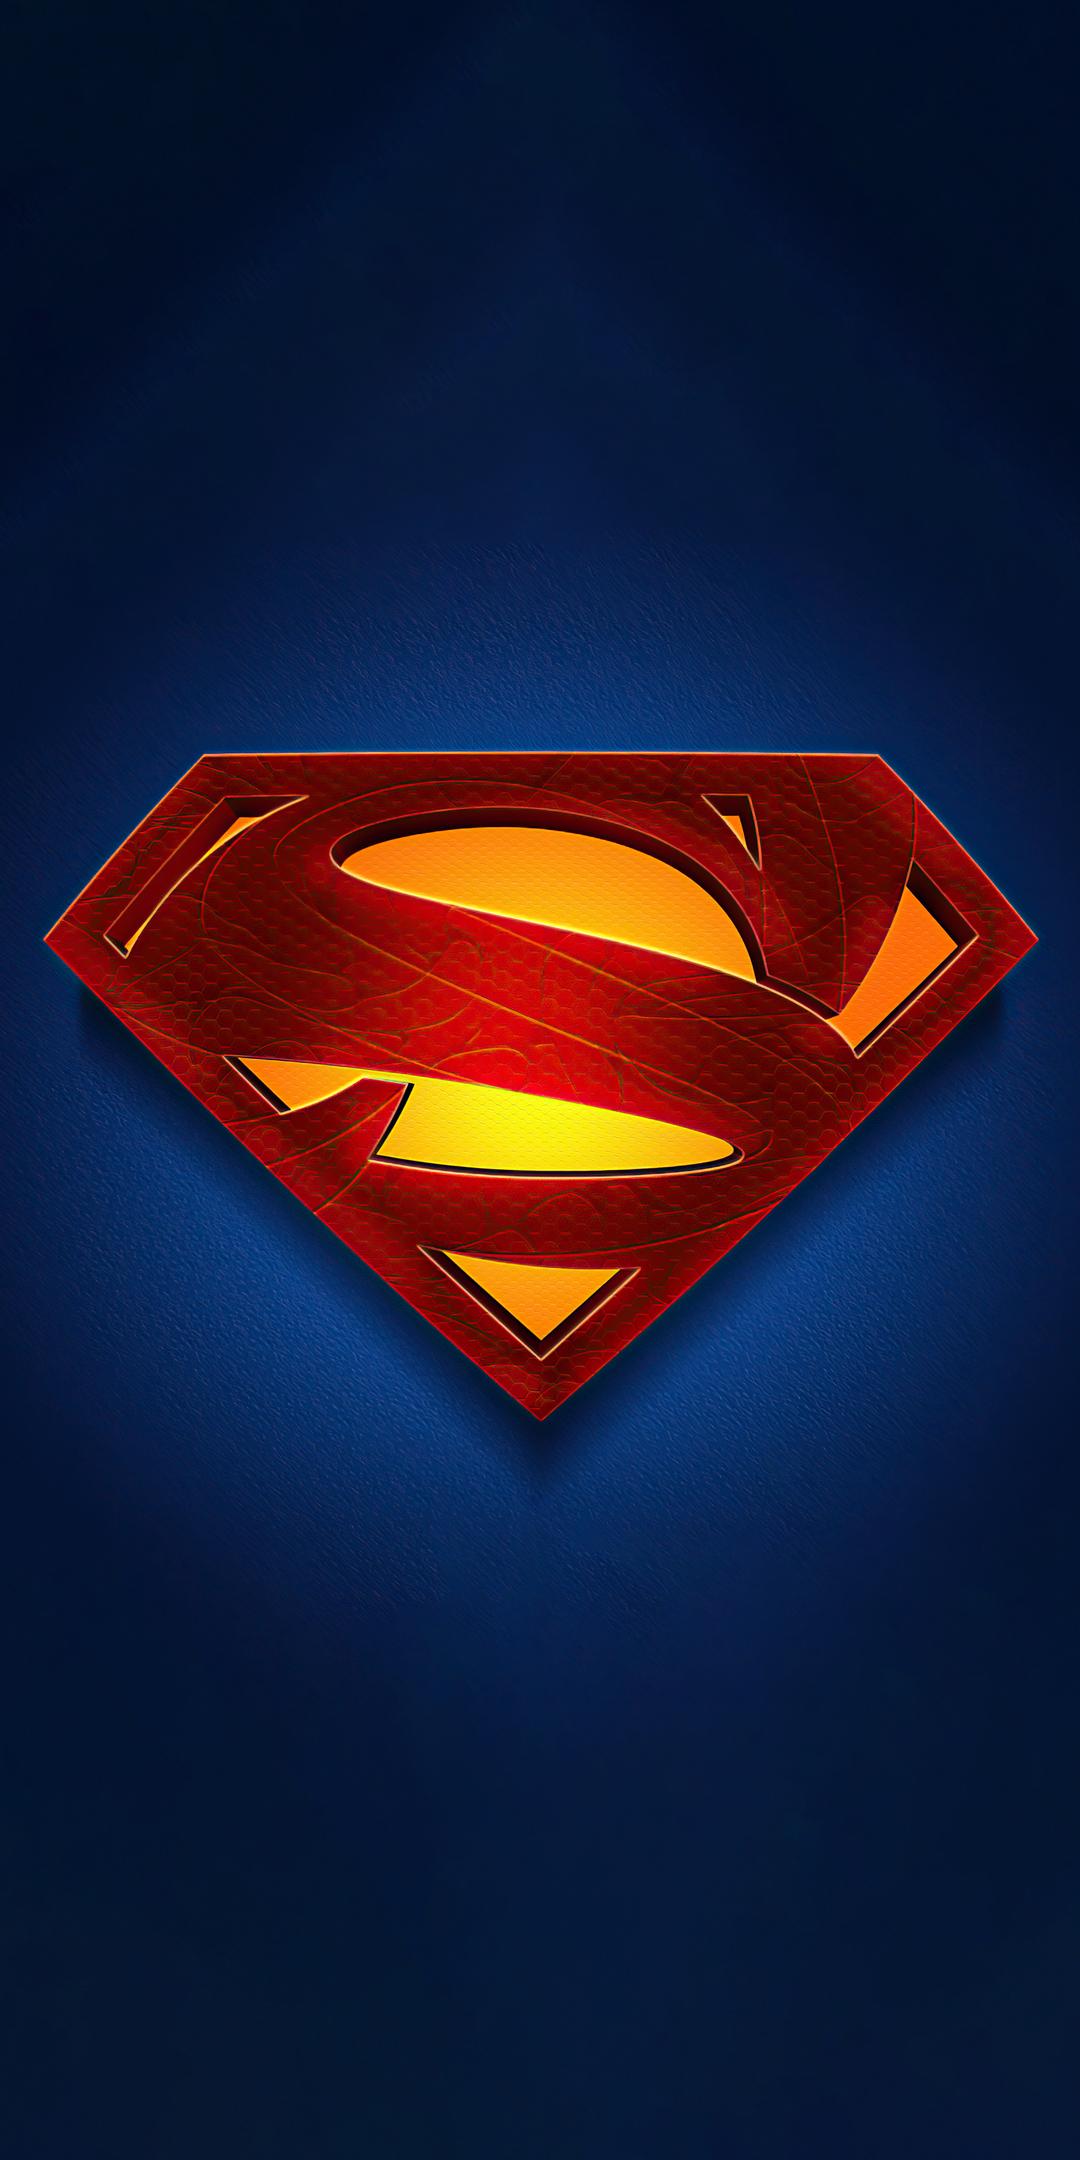 superman-emblem-v0.jpg